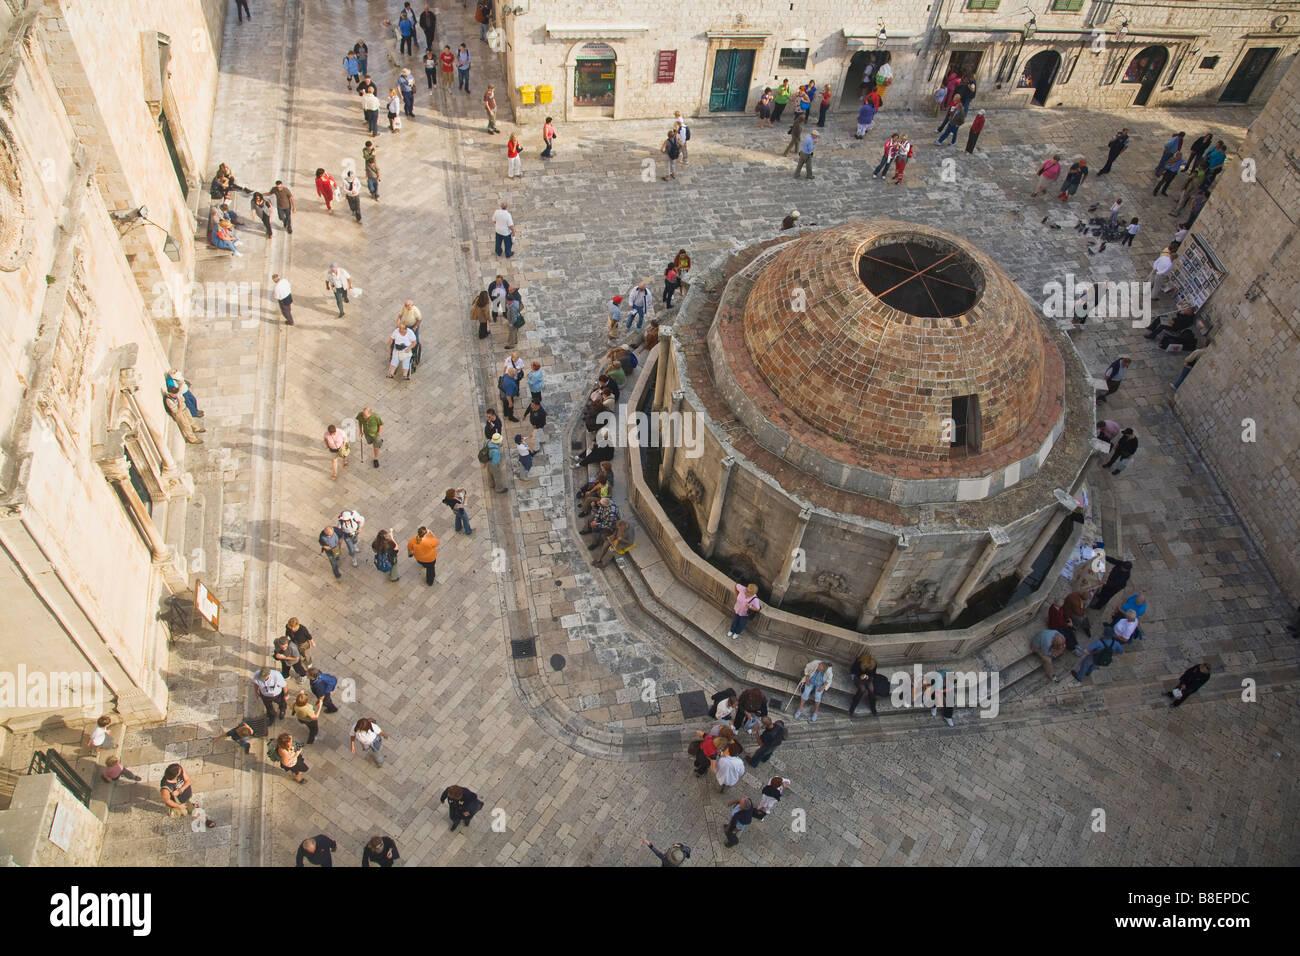 Gran fuente de Onofrio y Stradun desde las murallas de la ciudad Dubrovnik Croacia Foto de stock